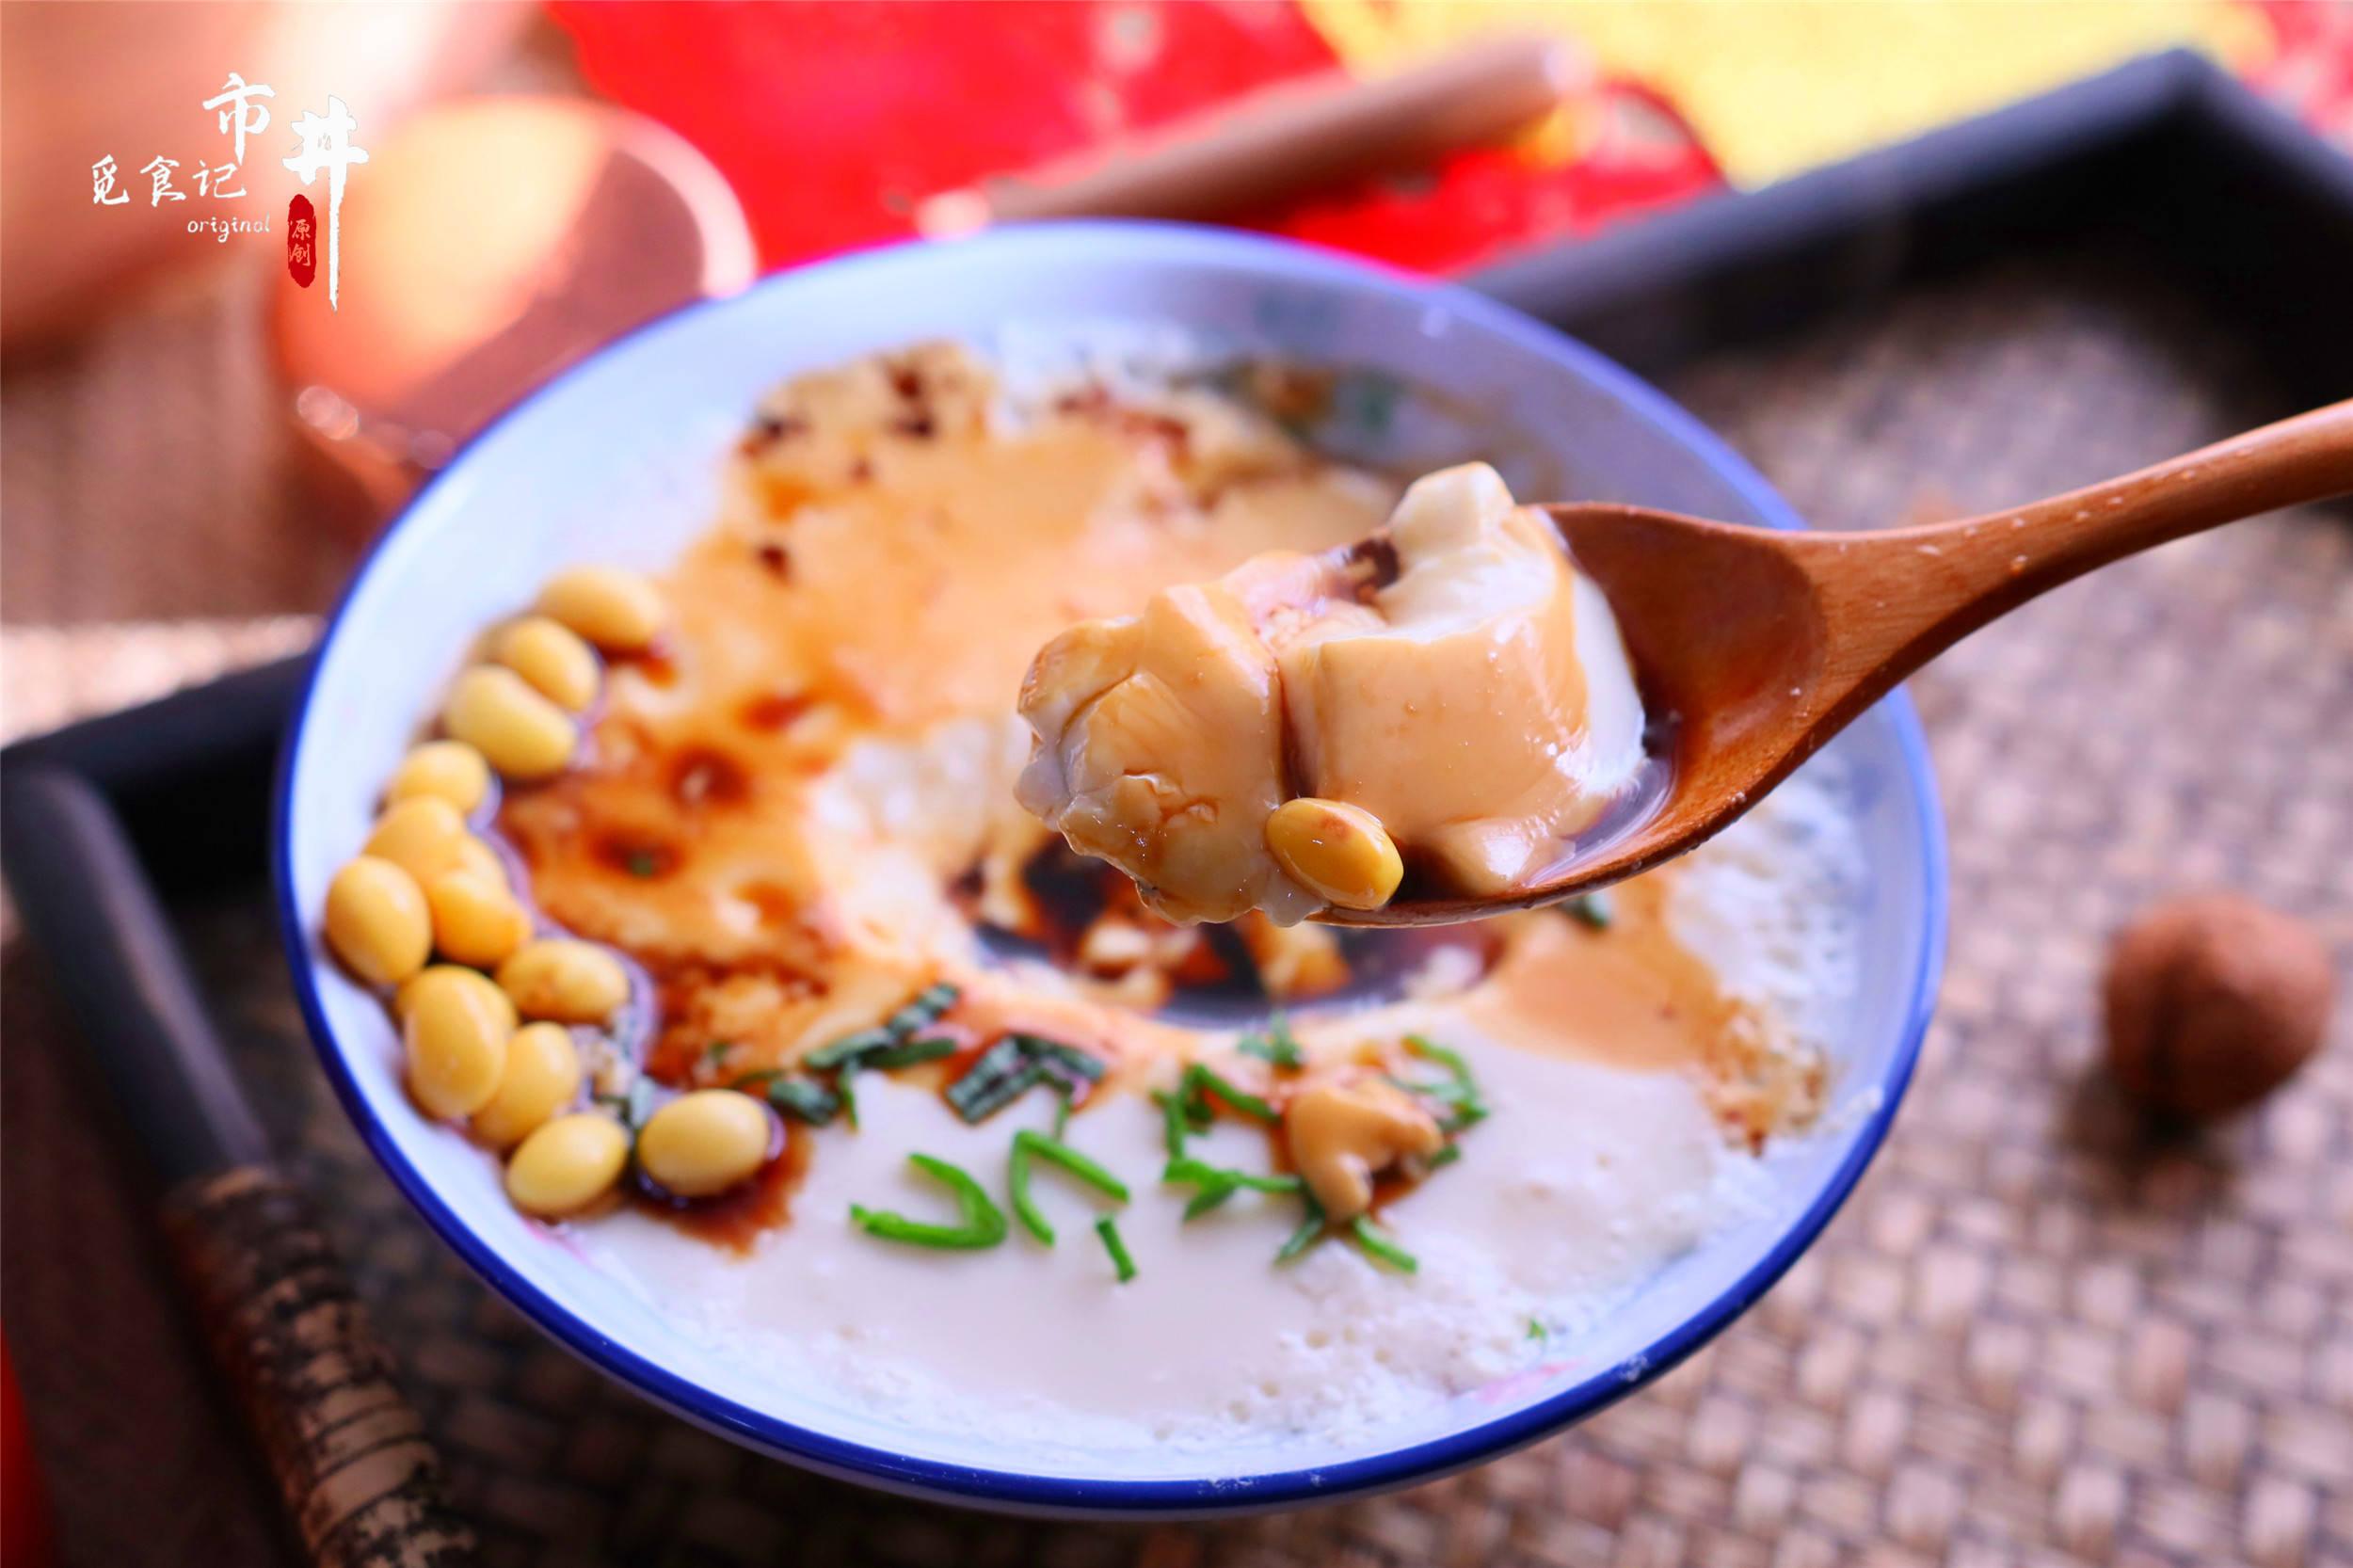 晚上泡1把黄豆,早起半小时,超简单做豆腐脑,不用上街买了